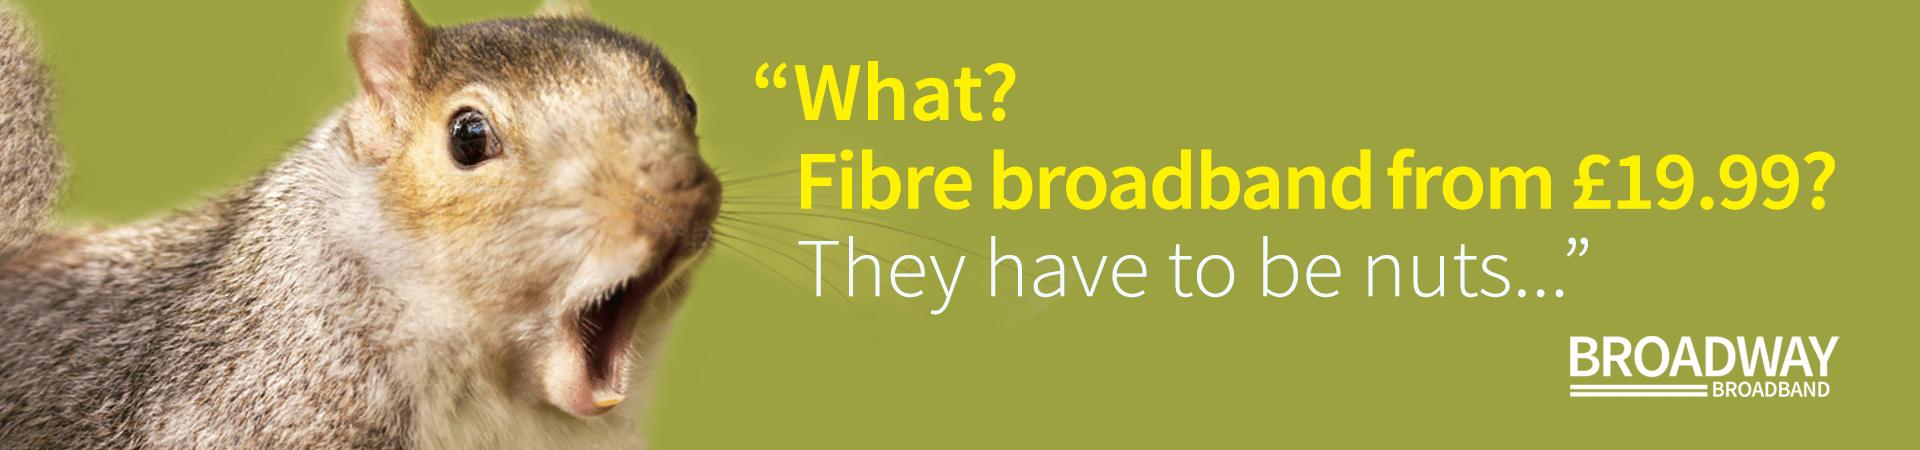 Fibre broadband (desktop)